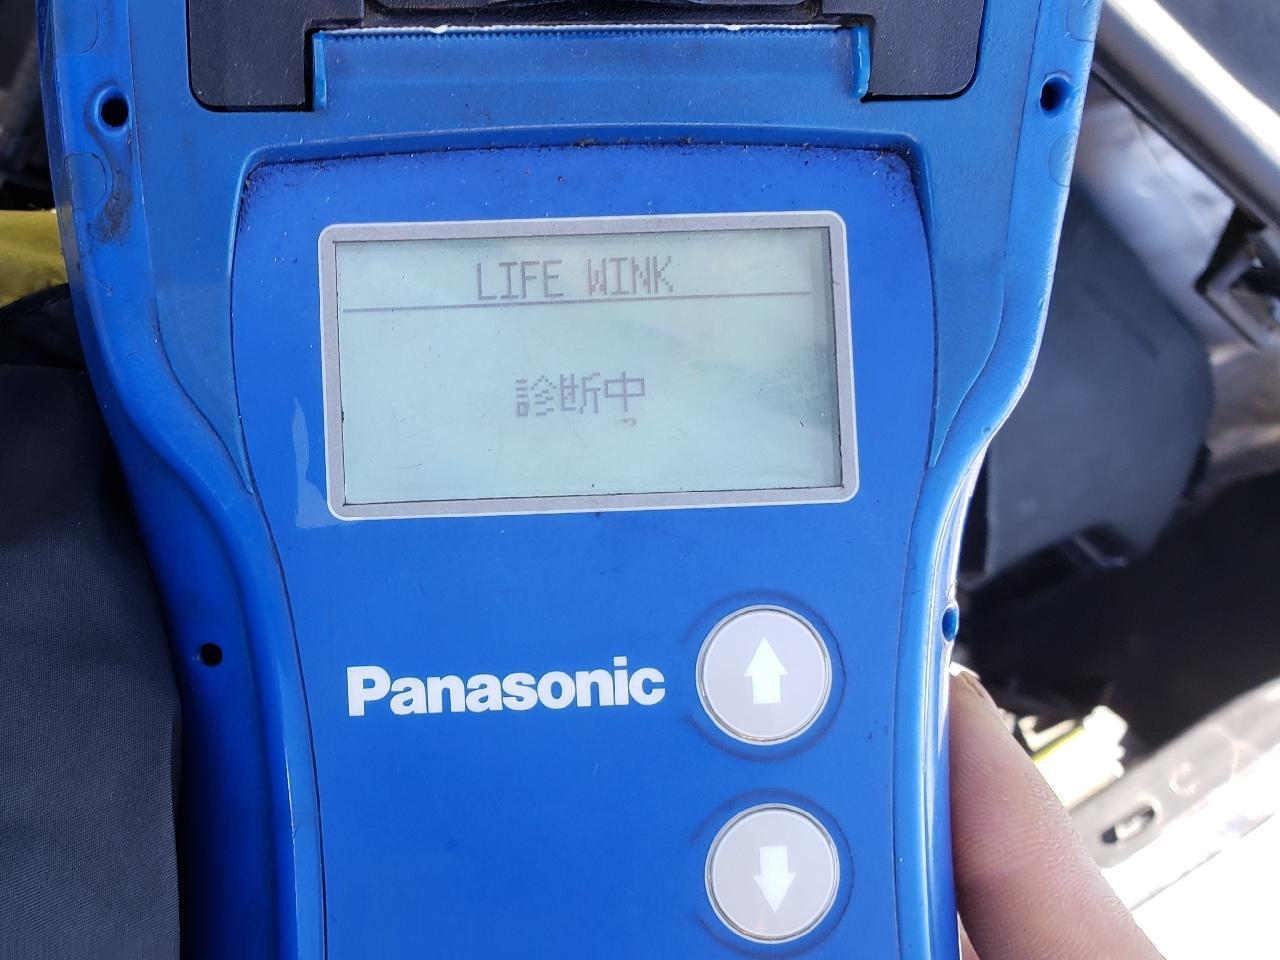 Panasonic カーバッテリー寿命判定ユニット LifeWINK [ ライフ・ウィンク ] N-LW/P5